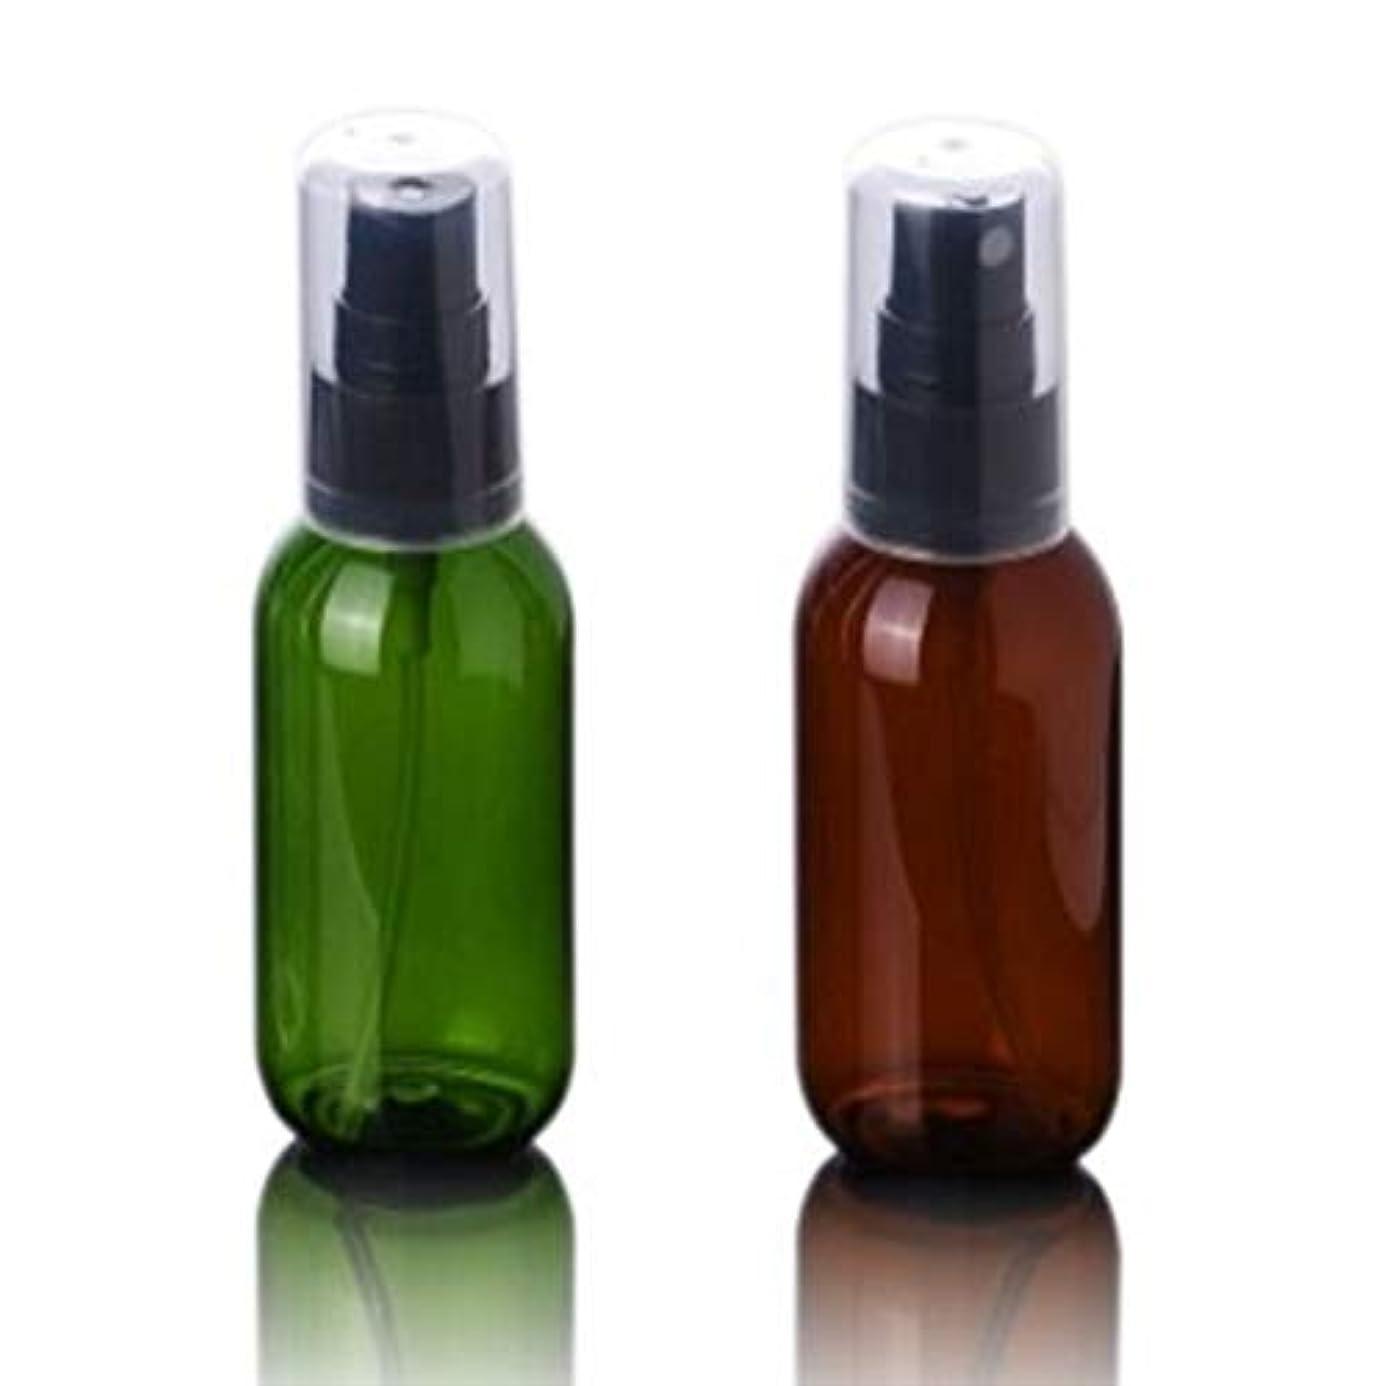 の前で再生的アシスタントBijou Cat スプレーボトル 50ml プラスチック製本体 遮光 霧吹き 緑?茶色 2本セット